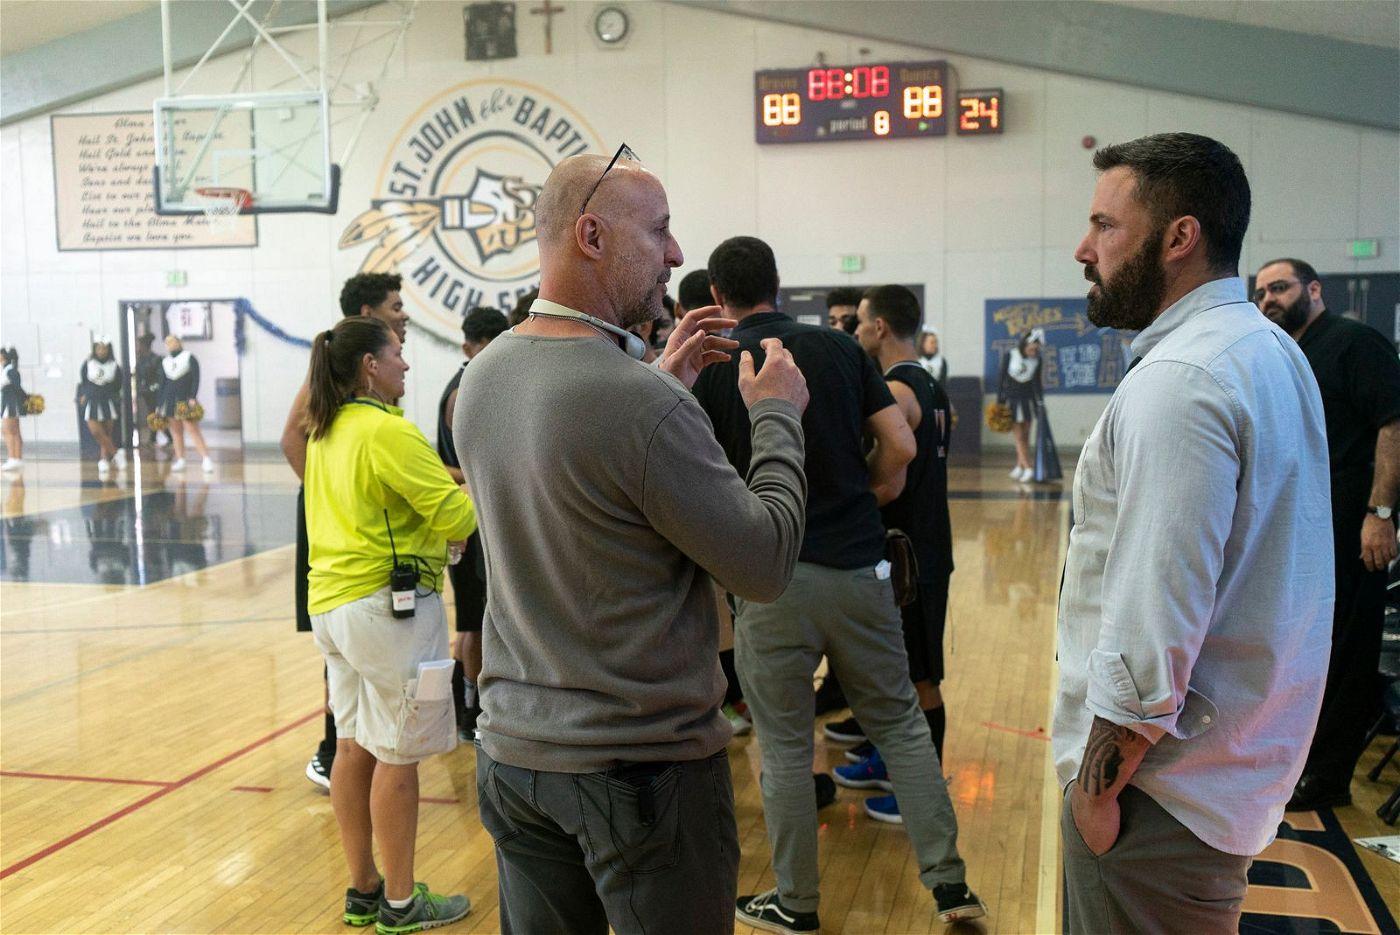 Bei den Dreharbeiten: Regisseur Gavin O'Connor erklärt Ben Affleck (rechts) eine Szene.